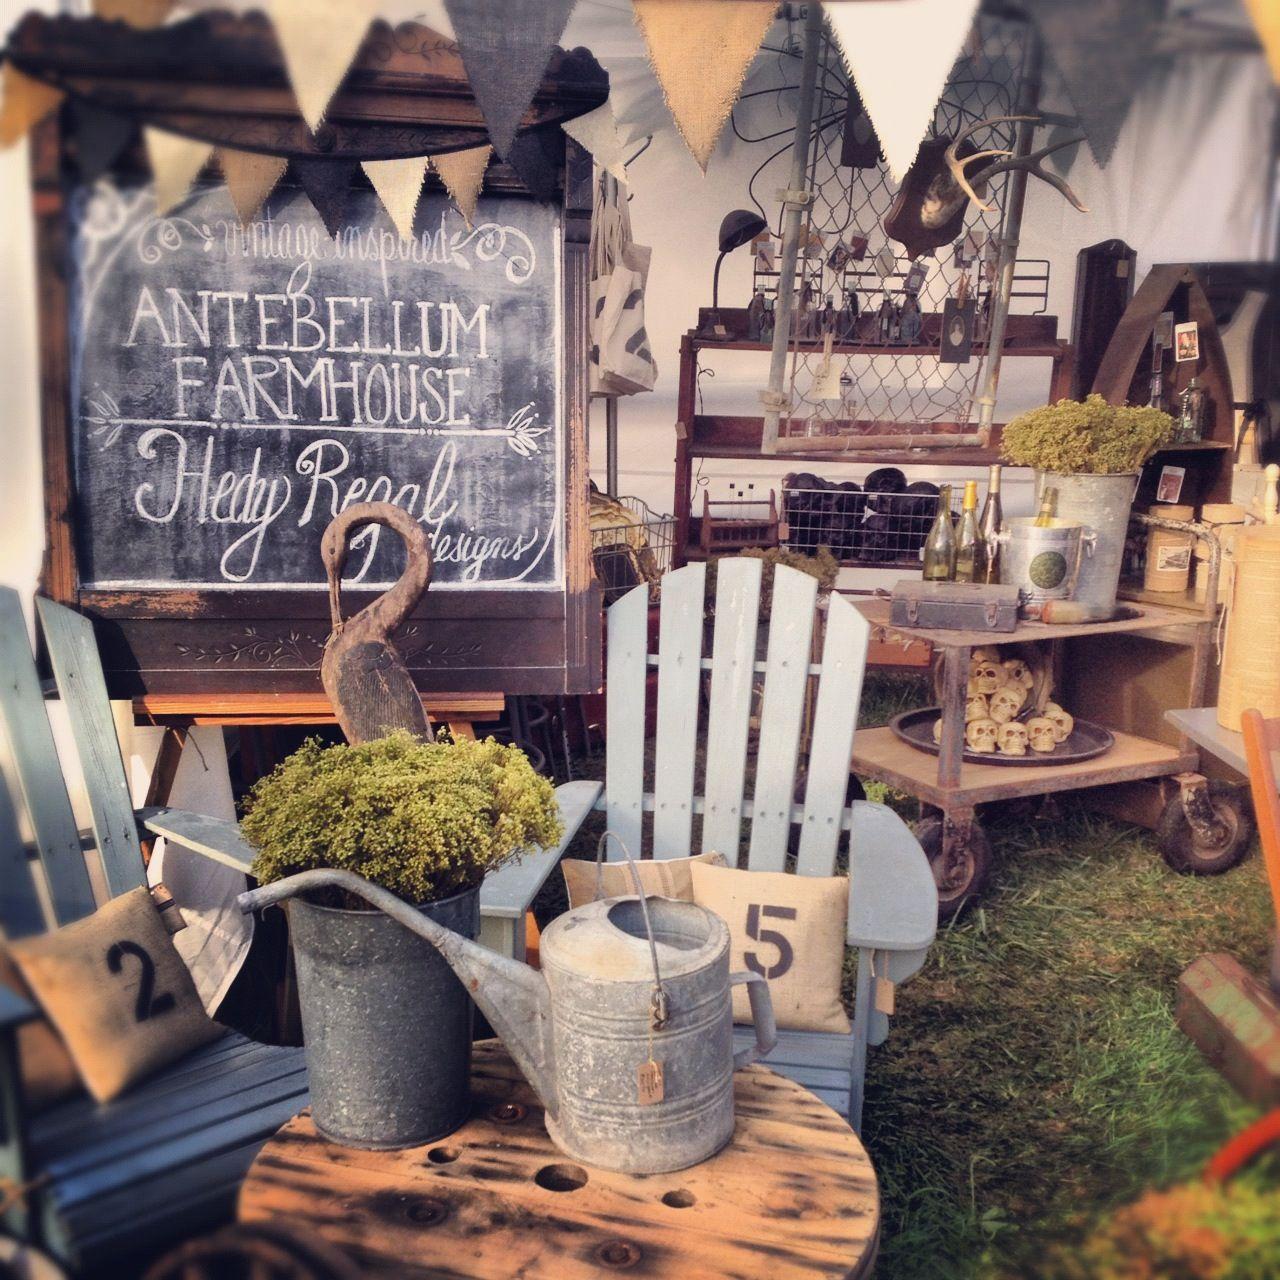 Country Living Fair, Columbus, Ohio 2012: Antebellum